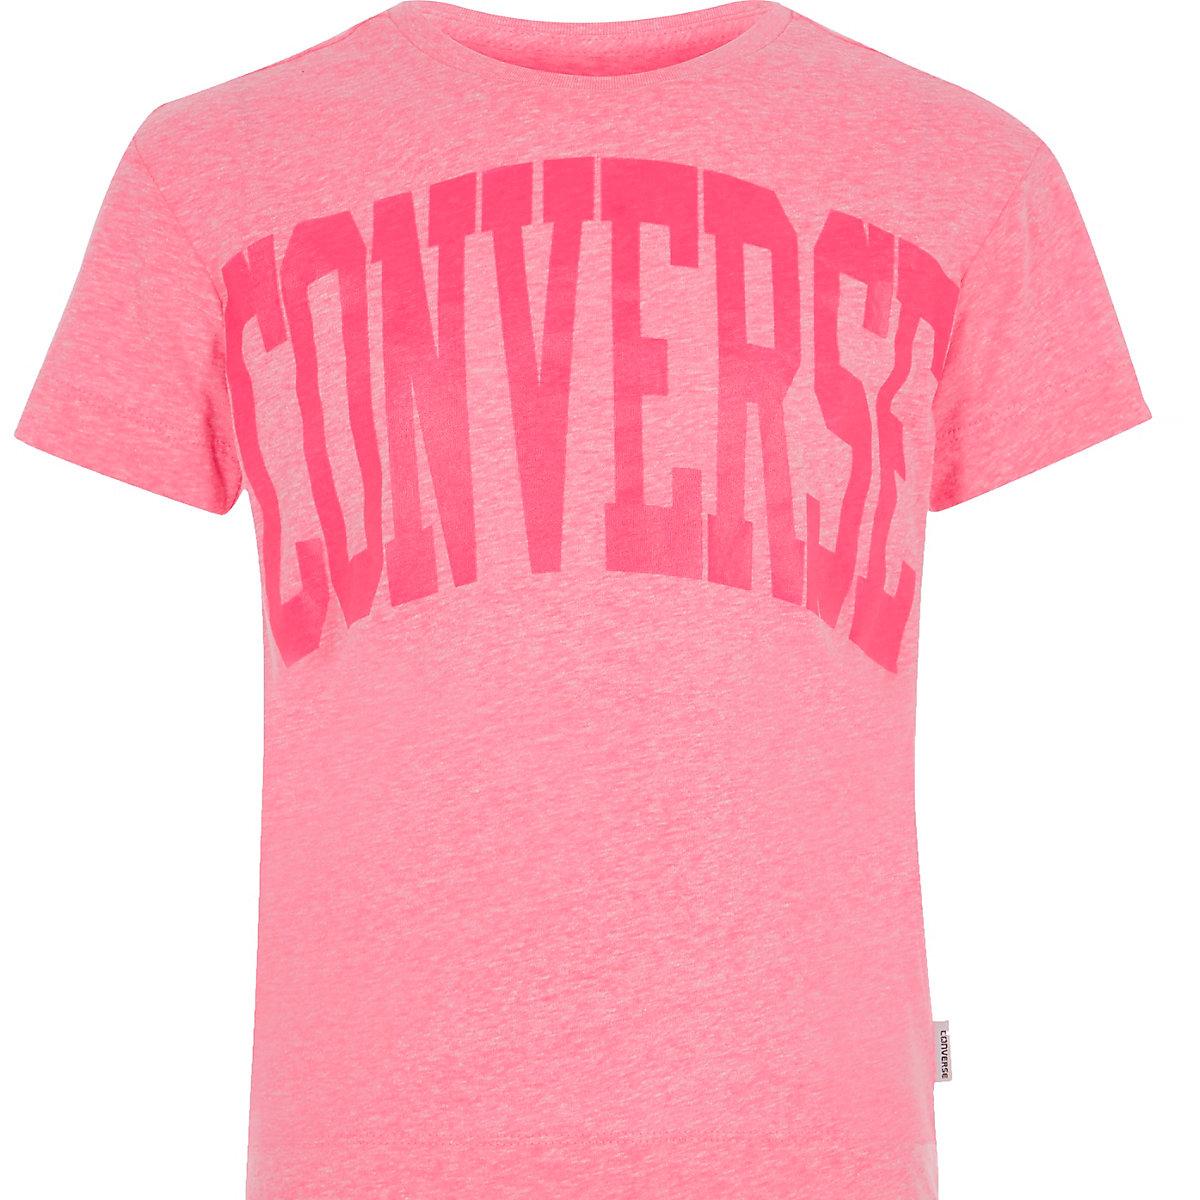 Girls Converse pink print T-shirt